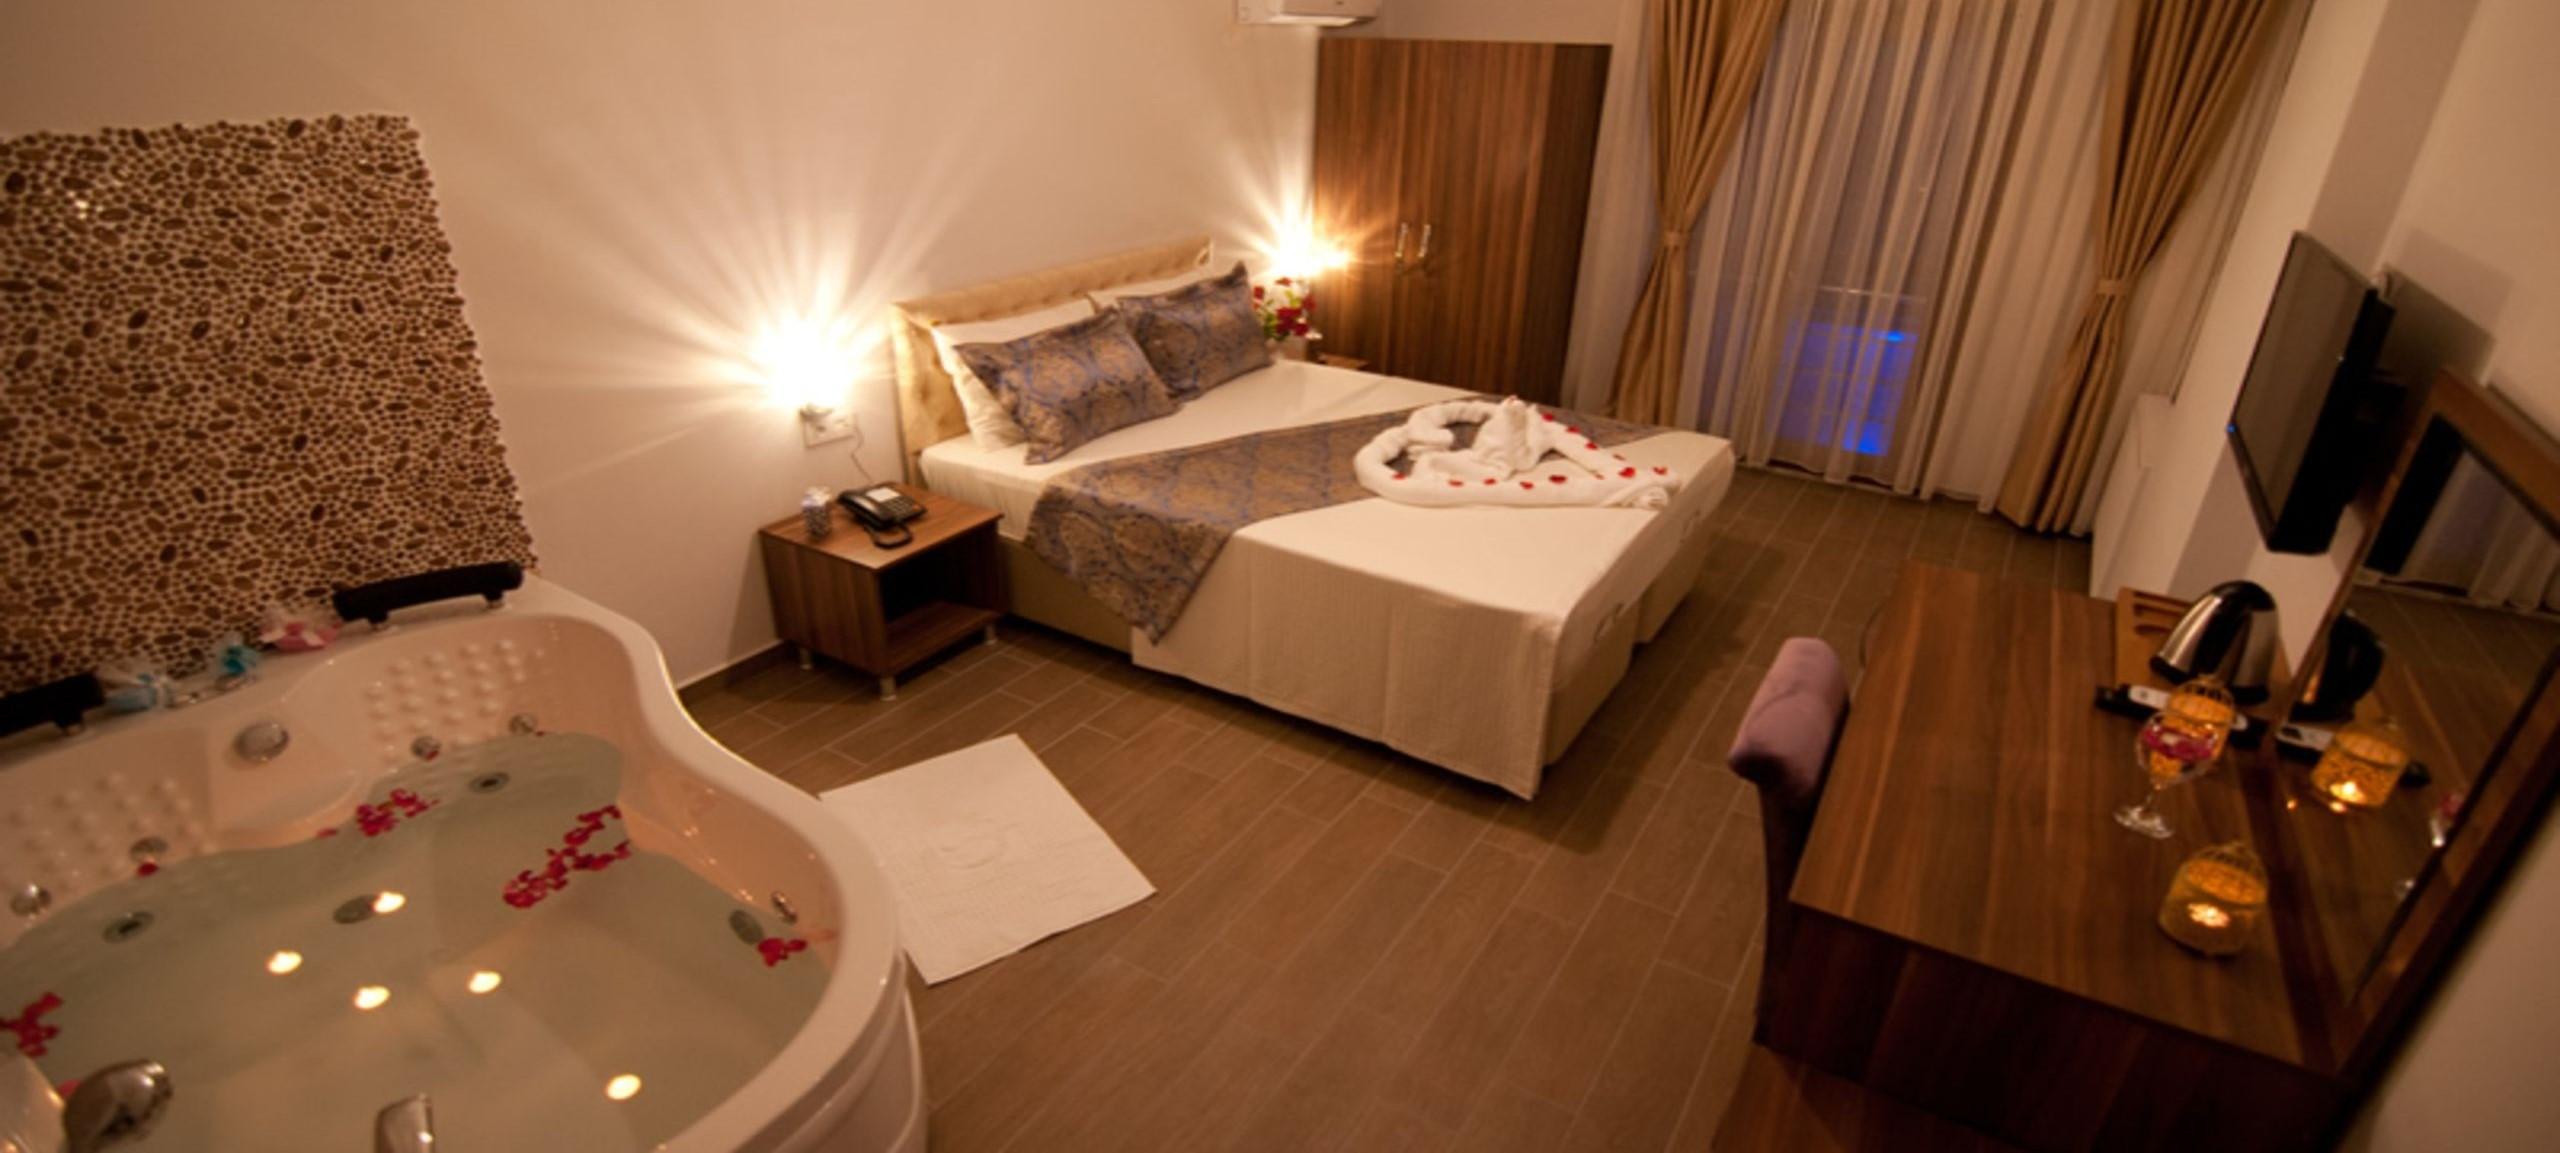 Ağva'da güzel bir tatilin adresi Defne Hotel!